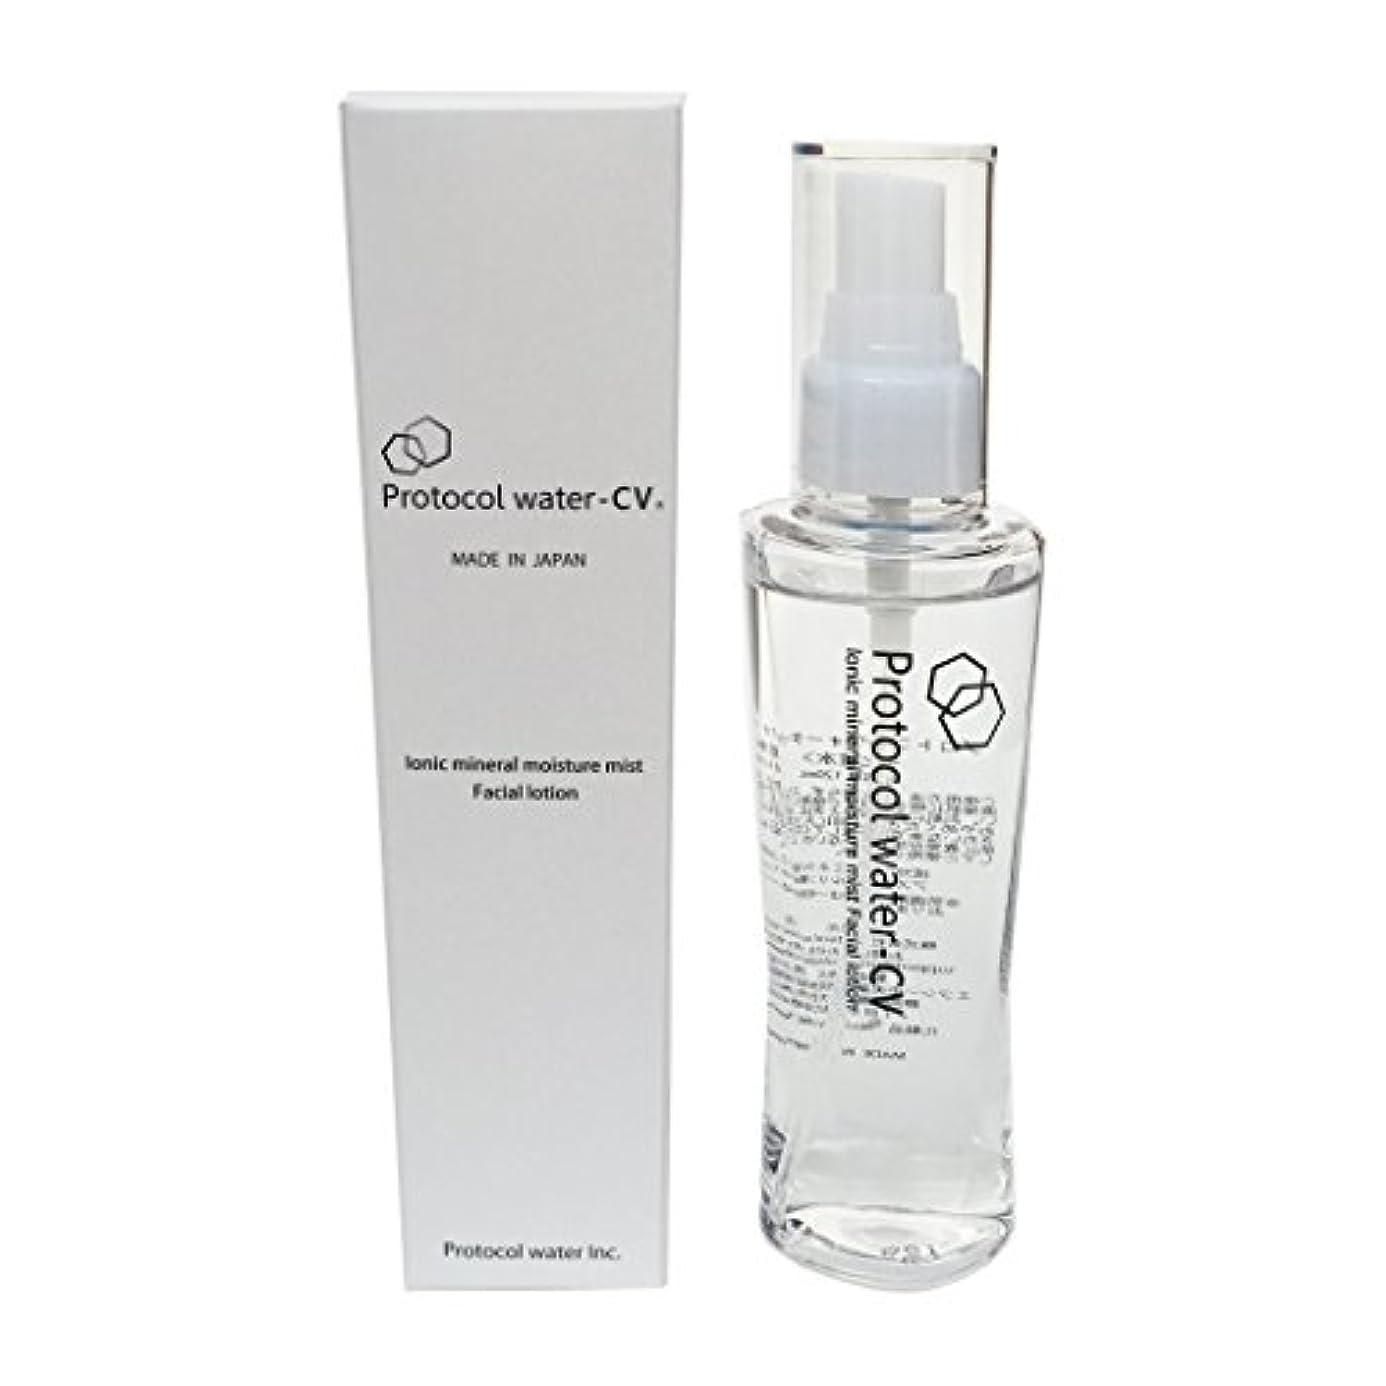 静かな理論正当化するProtocol water CV Ionic's mineral moisture mist Facial lotion / プロトコル ウォーター CV